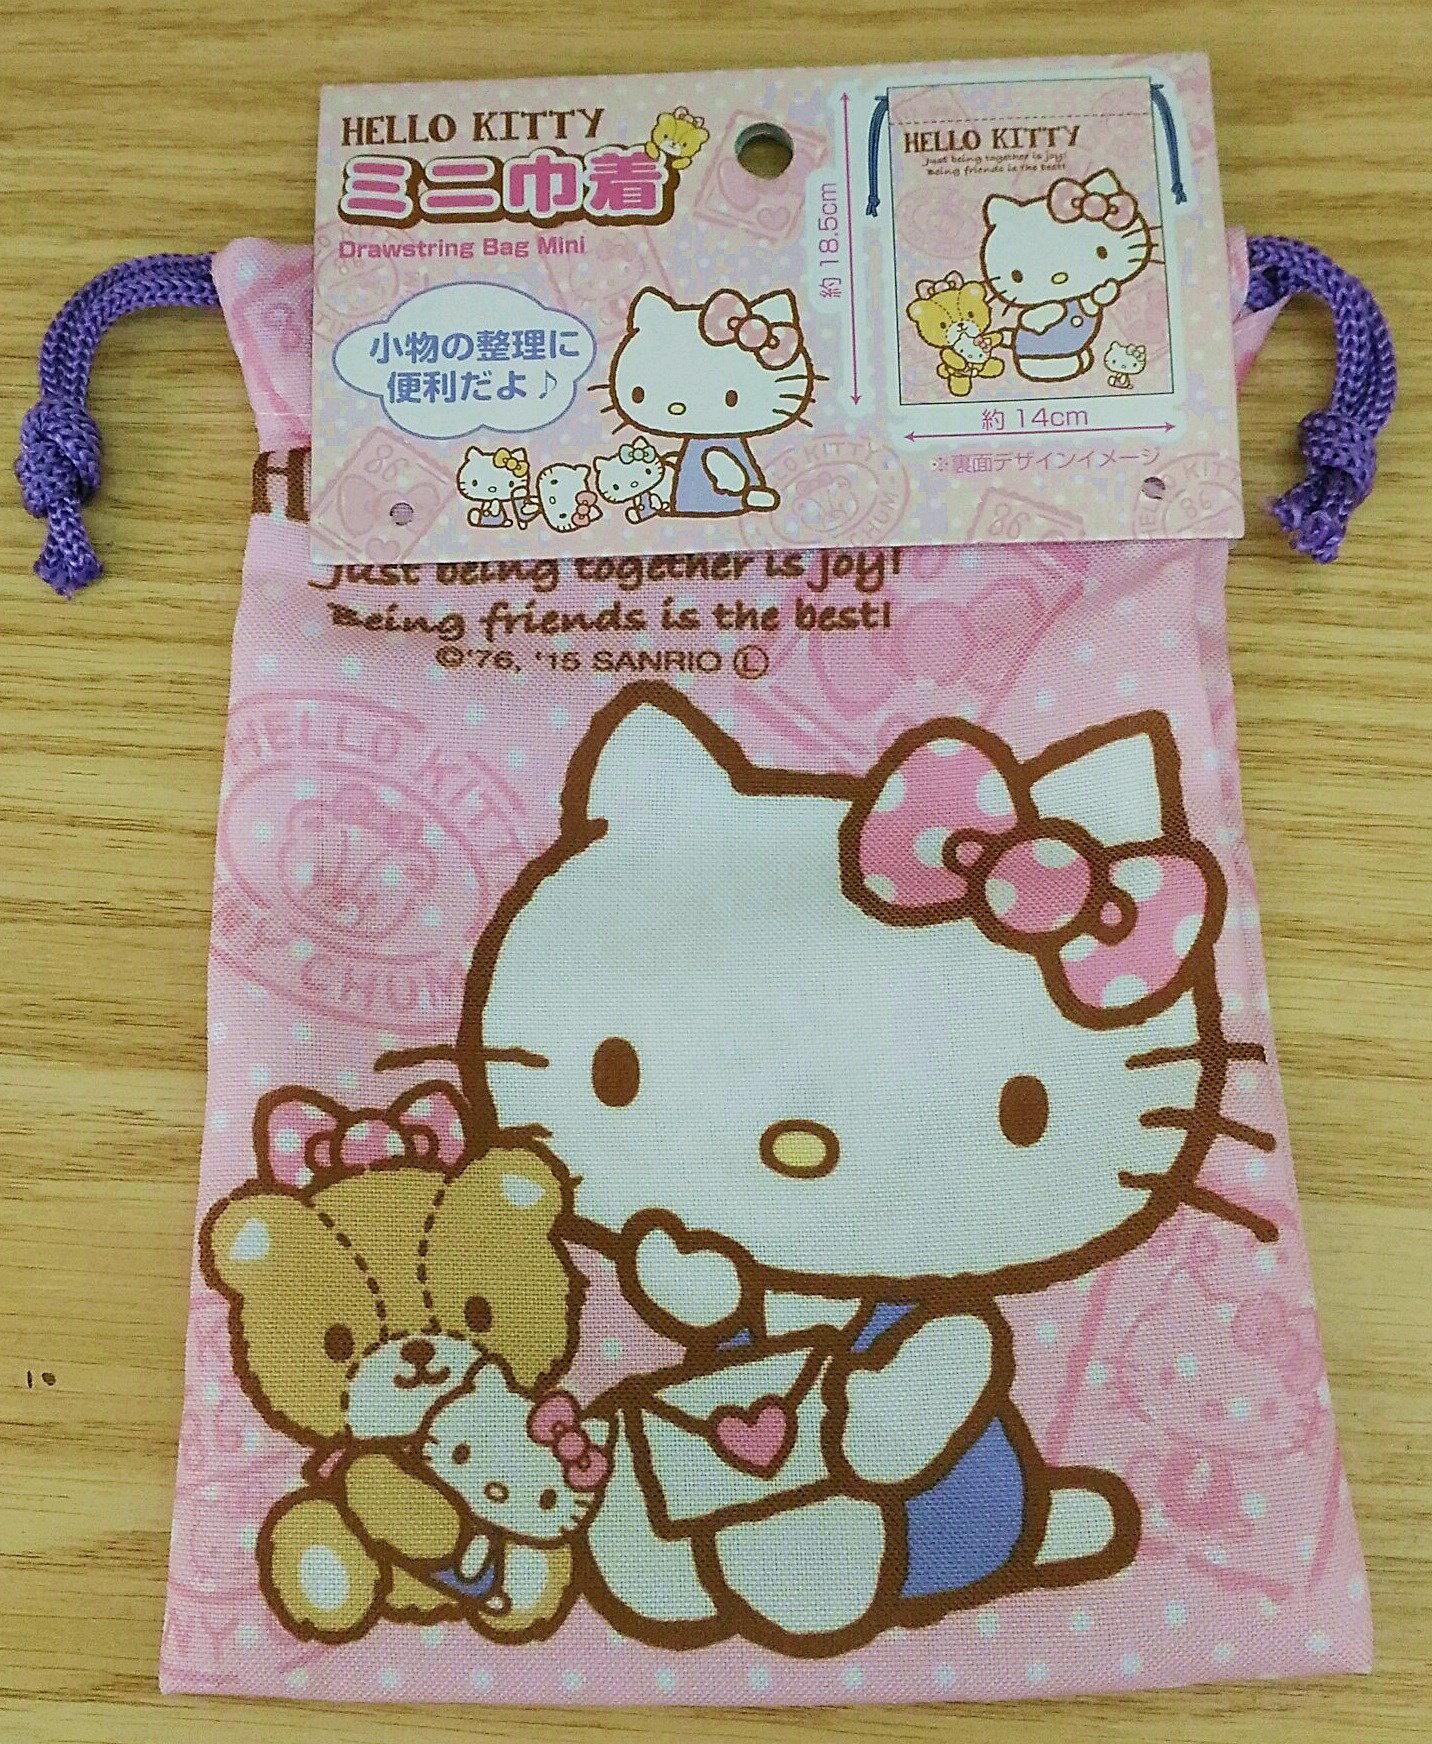 【真愛日本】17111700050 棉布束口袋-KT小熊 三麗鷗 kitty 凱蒂貓 日用品 居家生活 收納 布製品